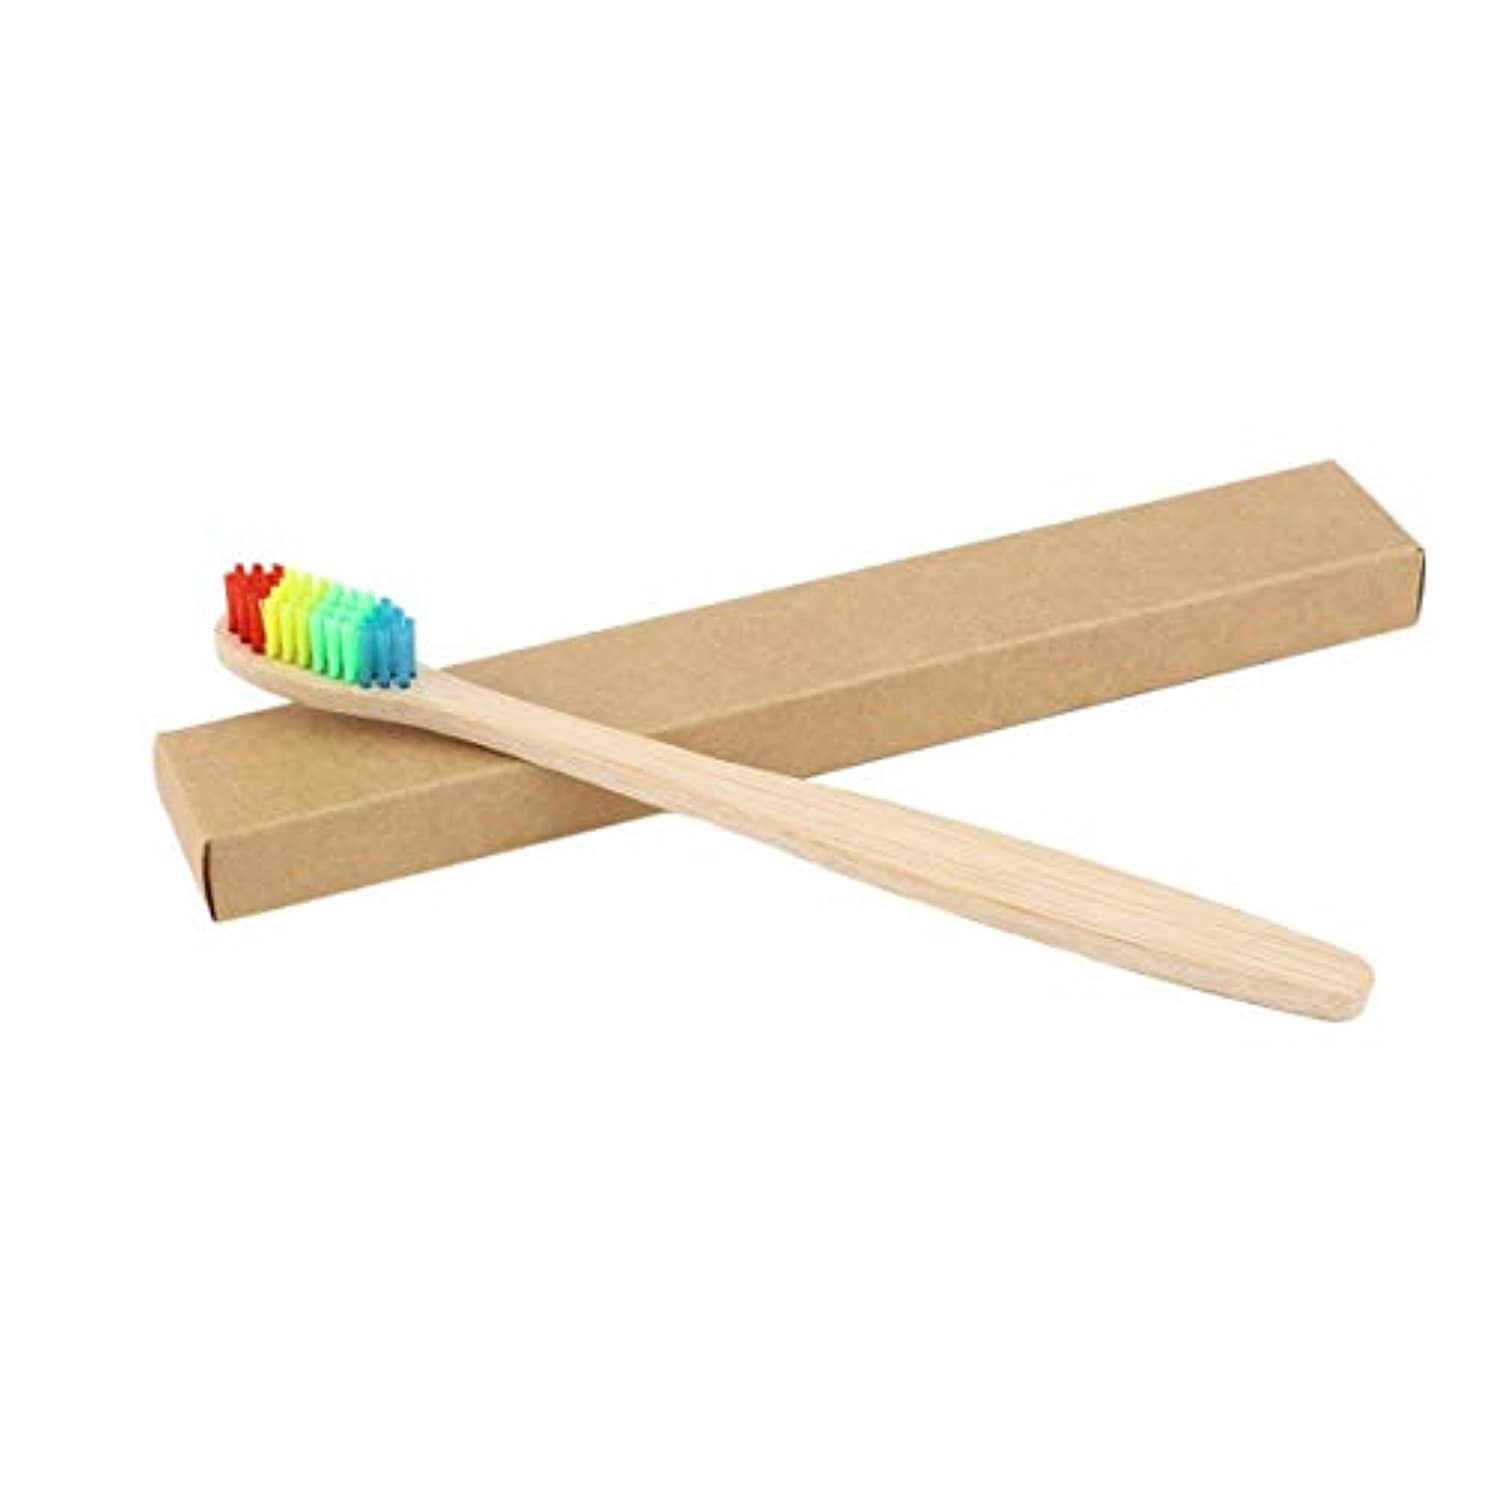 単独で時計酔っ払いカラフルな髪+竹のハンドル歯ブラシ環境木製の虹竹の歯ブラシオーラルケアソフト剛毛ユニセックス - ウッドカラー+カラフル